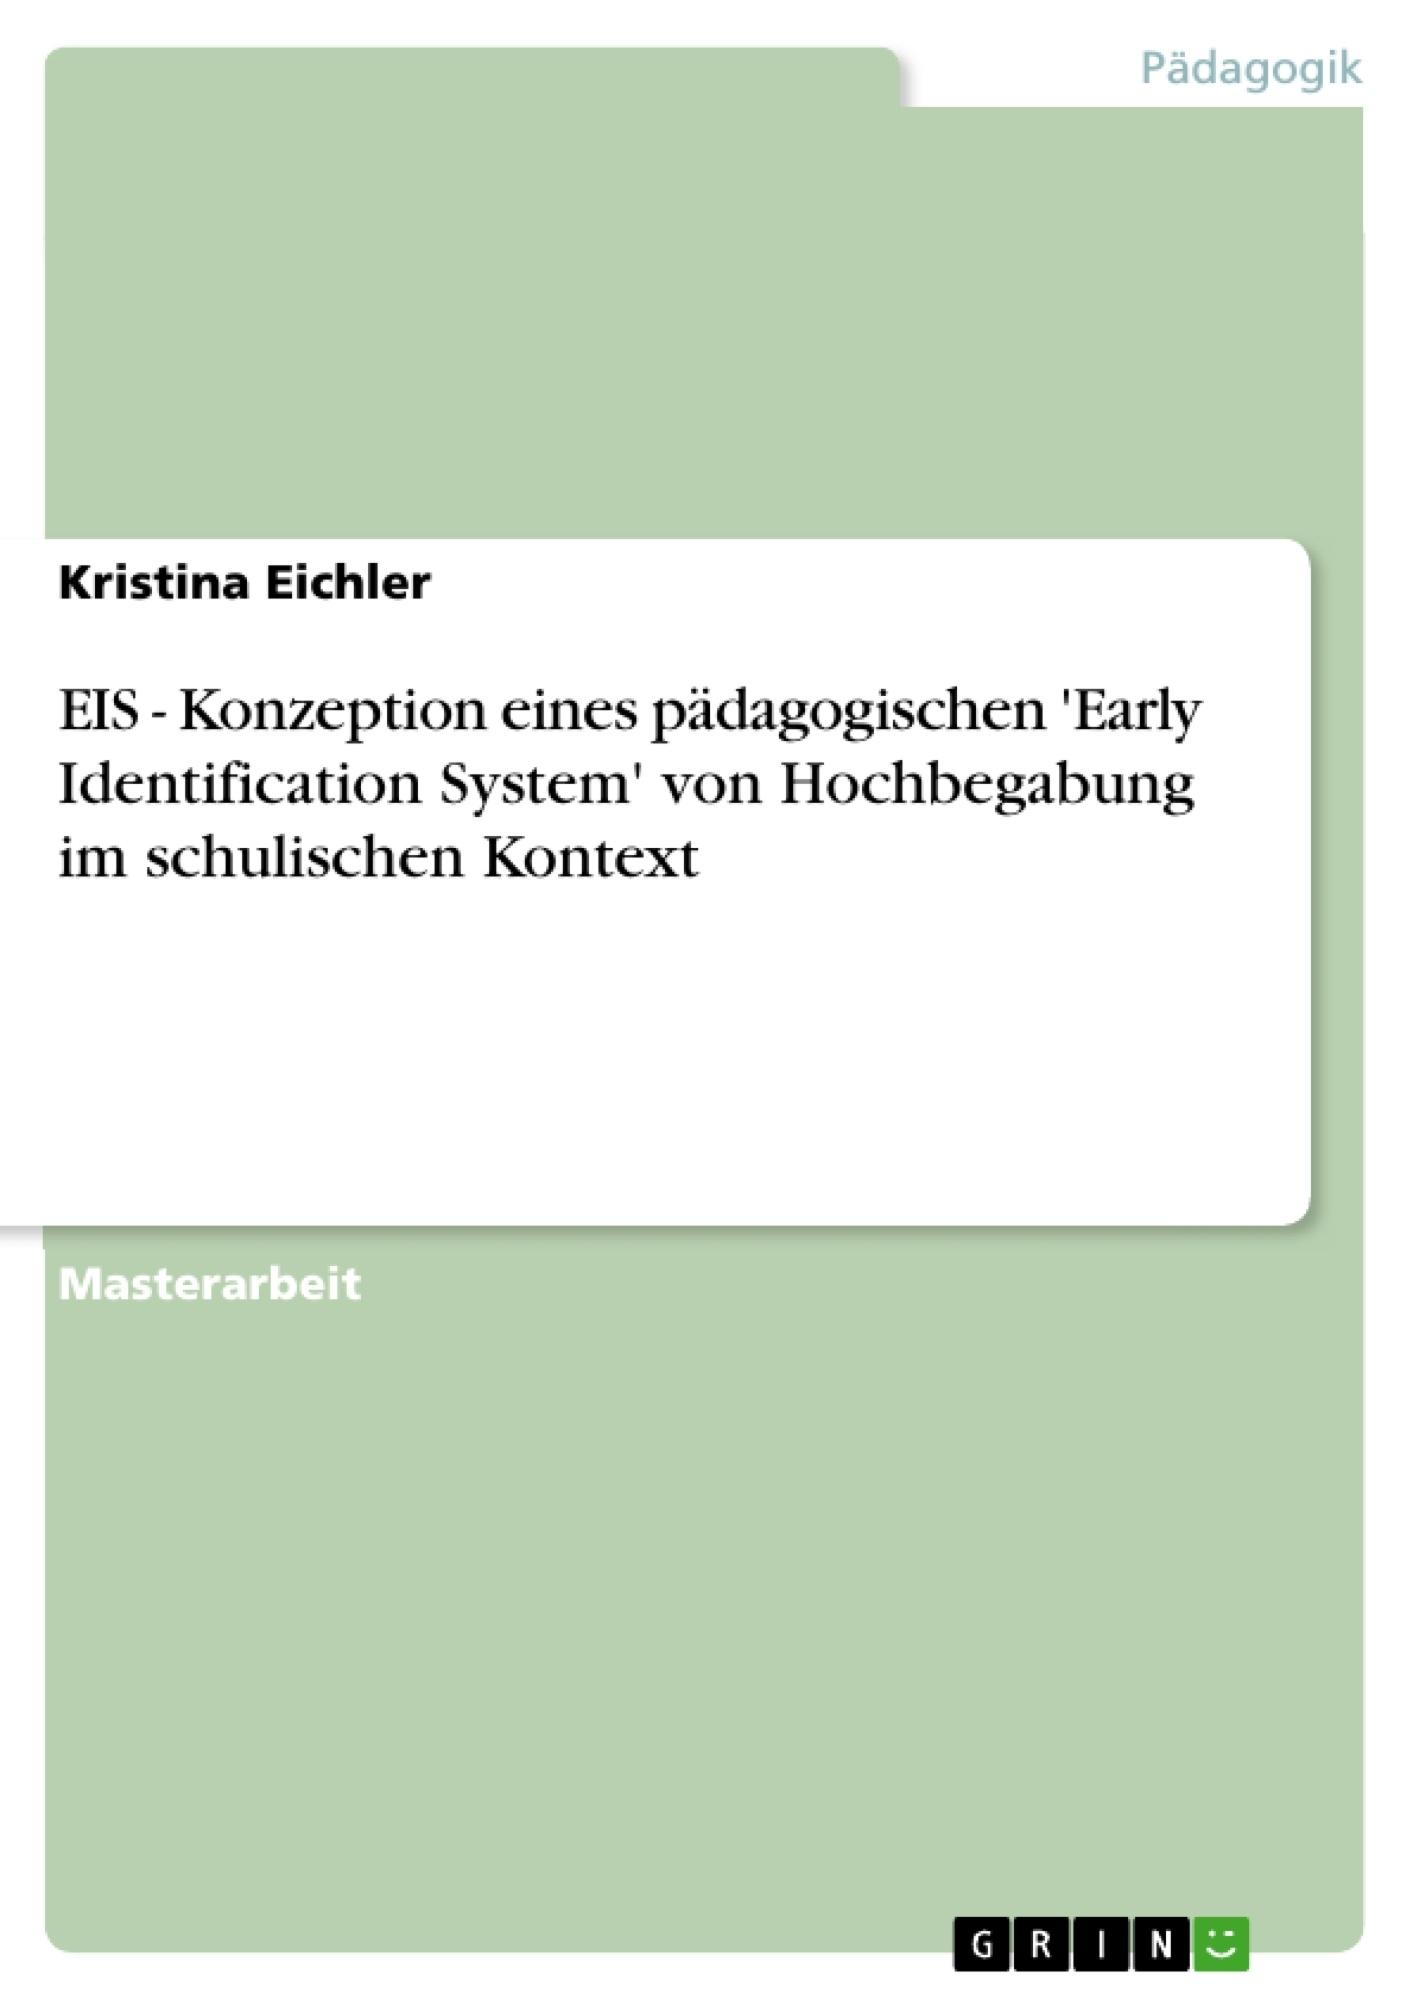 Titel: EIS - Konzeption eines pädagogischen 'Early Identification System' von Hochbegabung im schulischen Kontext